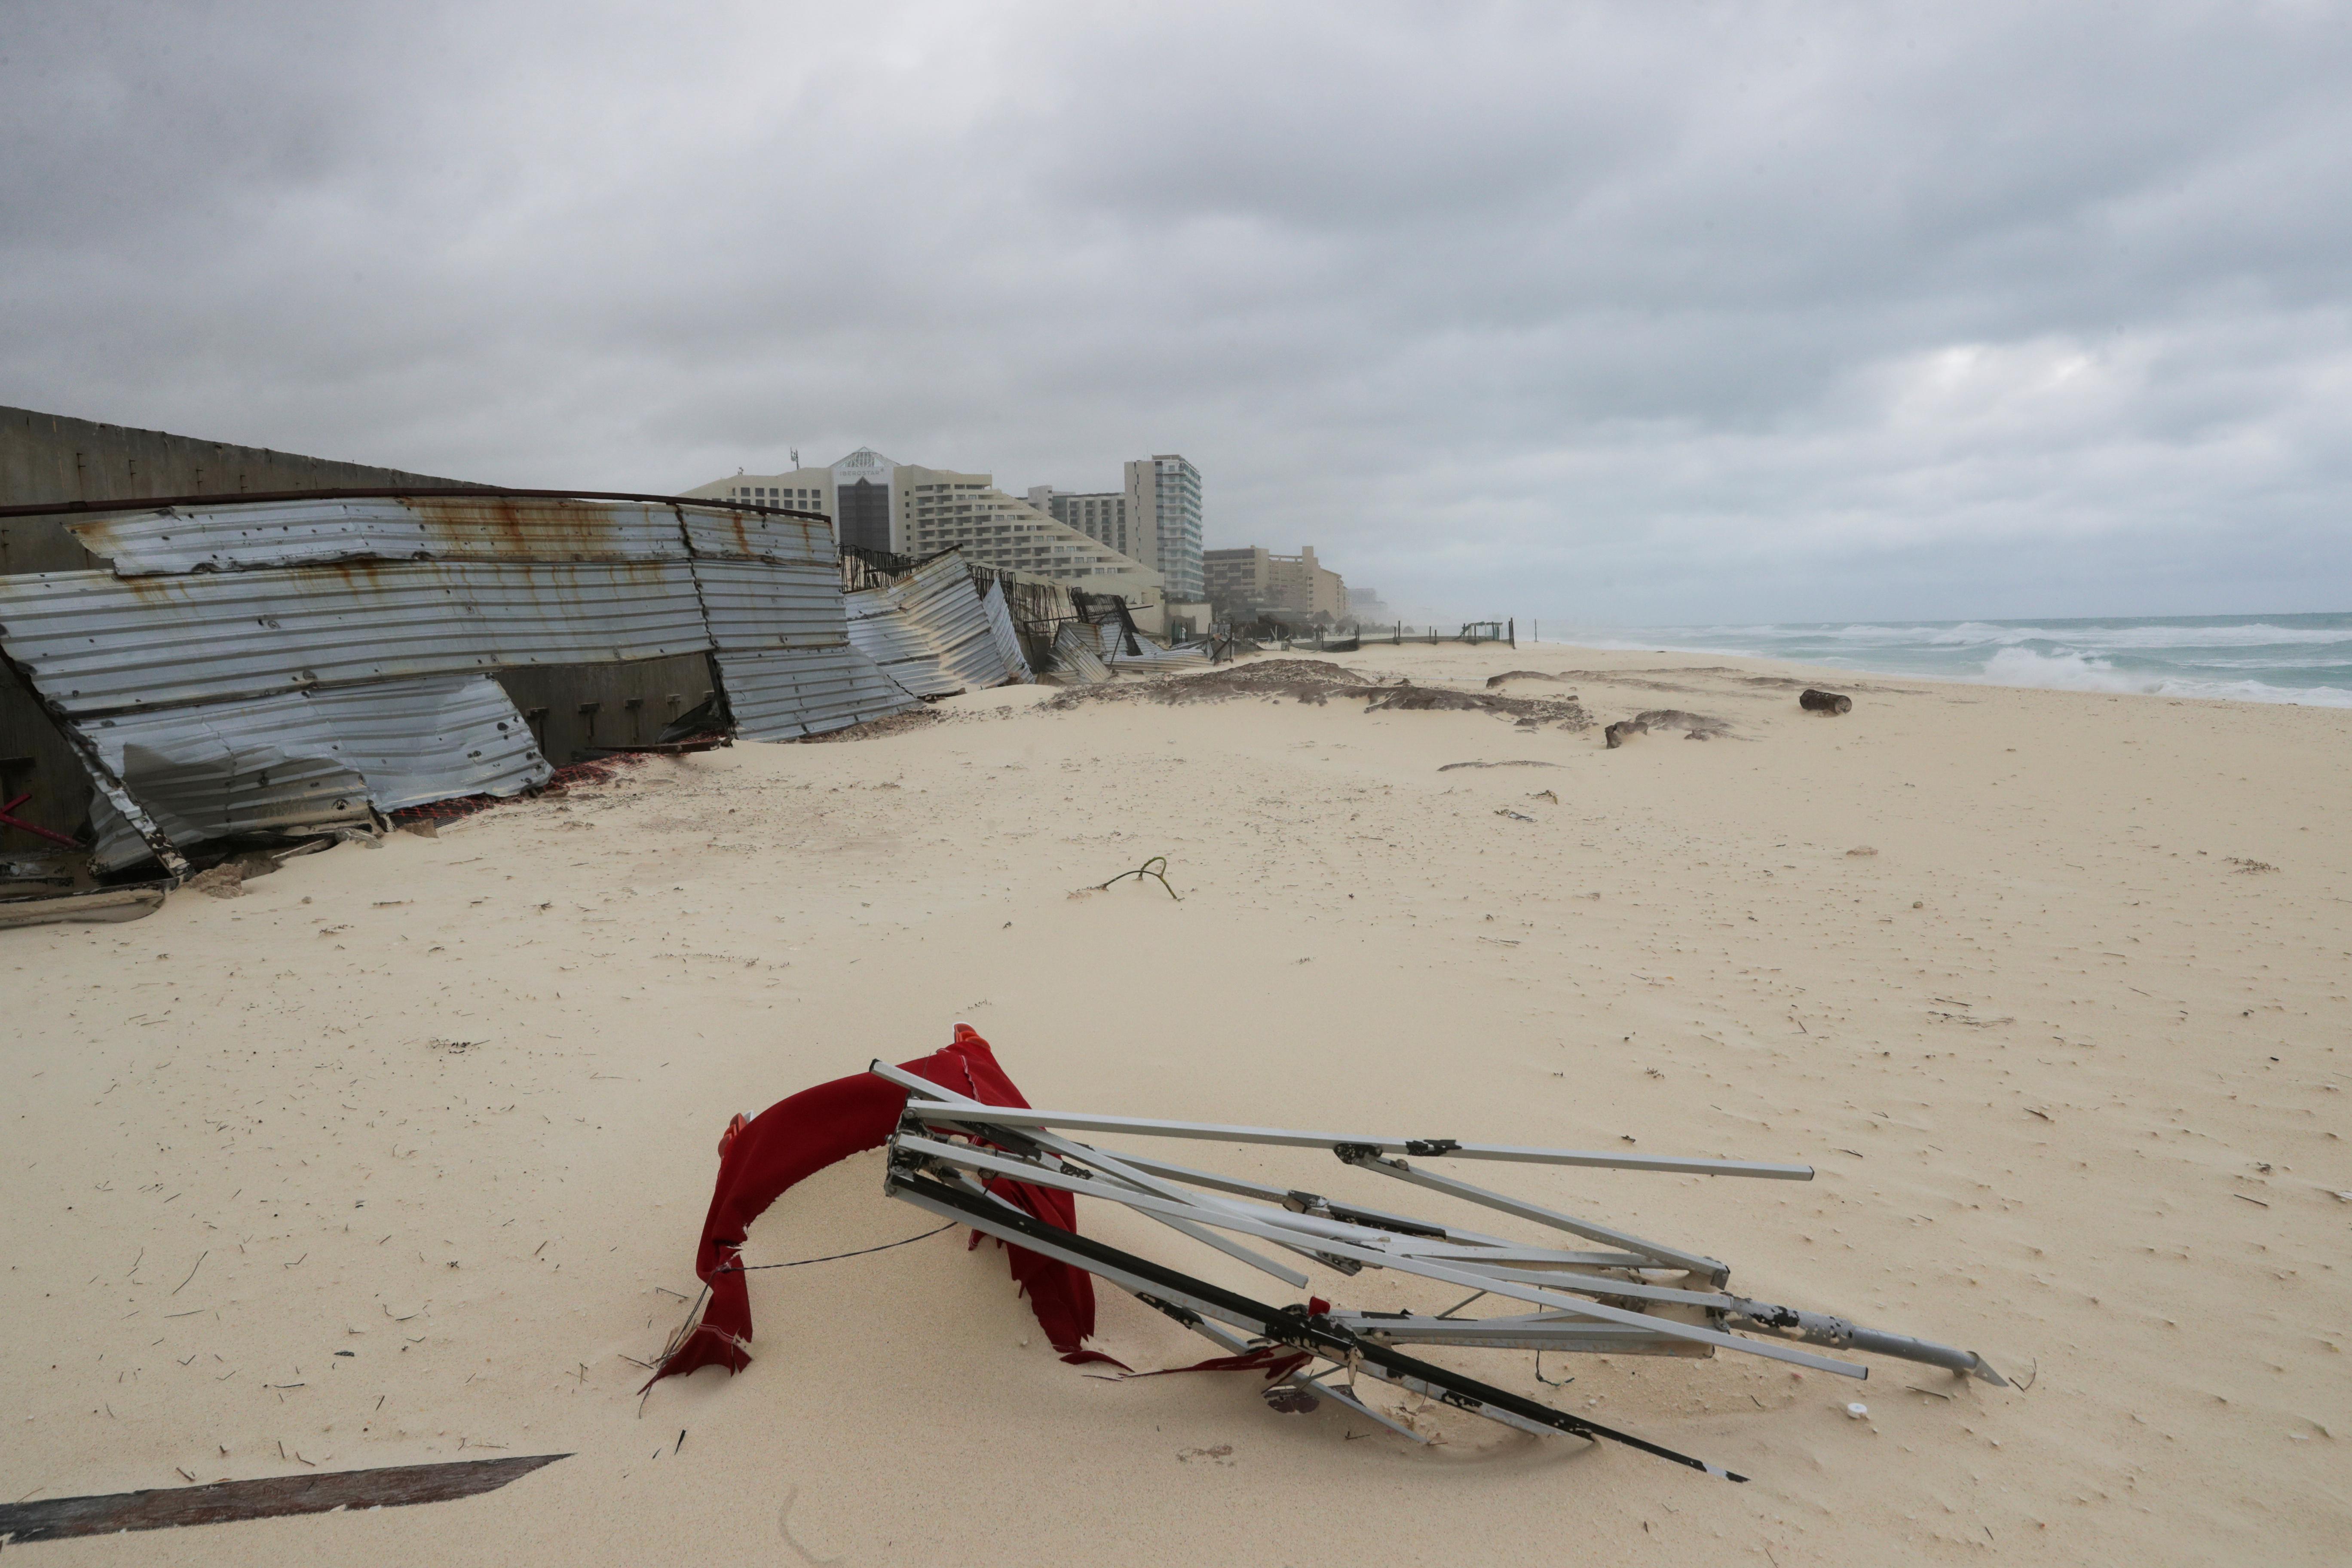 Una bandera roja dañada y caída que advierte de condiciones peligrosas y escombros se ve en una playa cerrada después del huracán Delta, en Cancún, en el estado de Quintana Roo, México, el 7 de octubre de 2020.